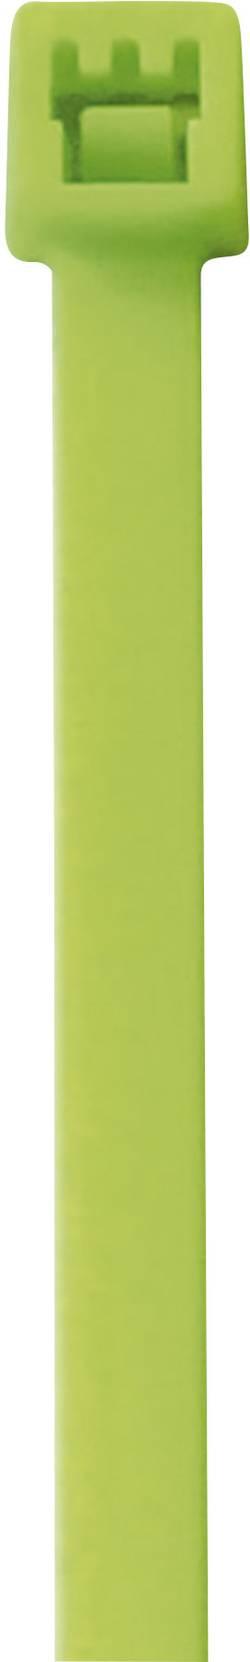 Fluorecentní stahovací pásek PB Fastener, 285 x 4,6 mm, 50 ks, zelená